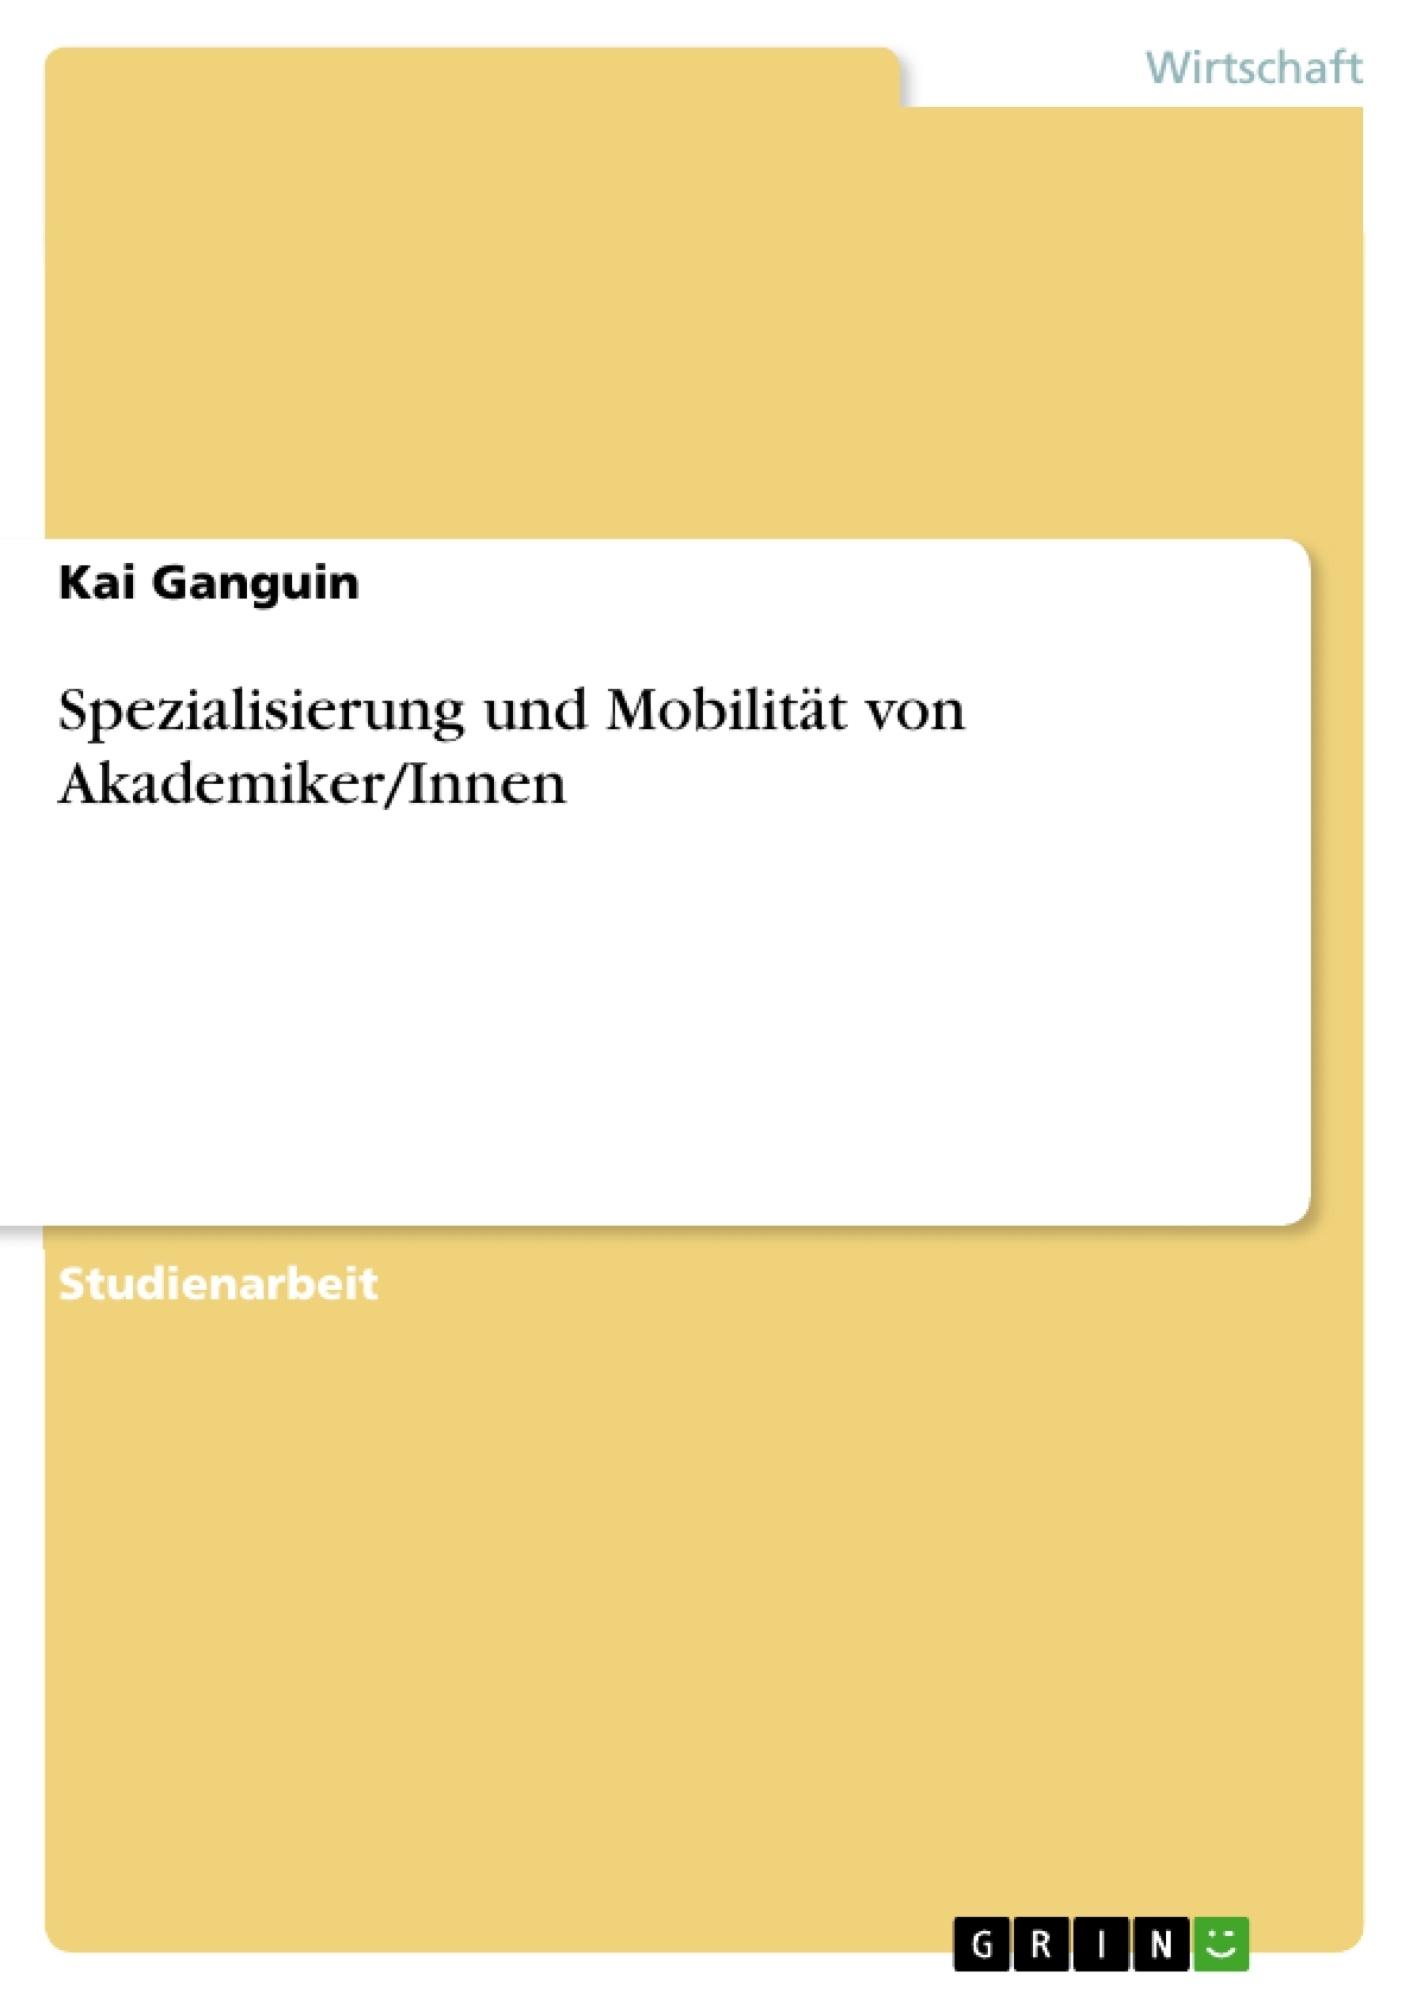 Titel: Spezialisierung und Mobilität von Akademiker/Innen